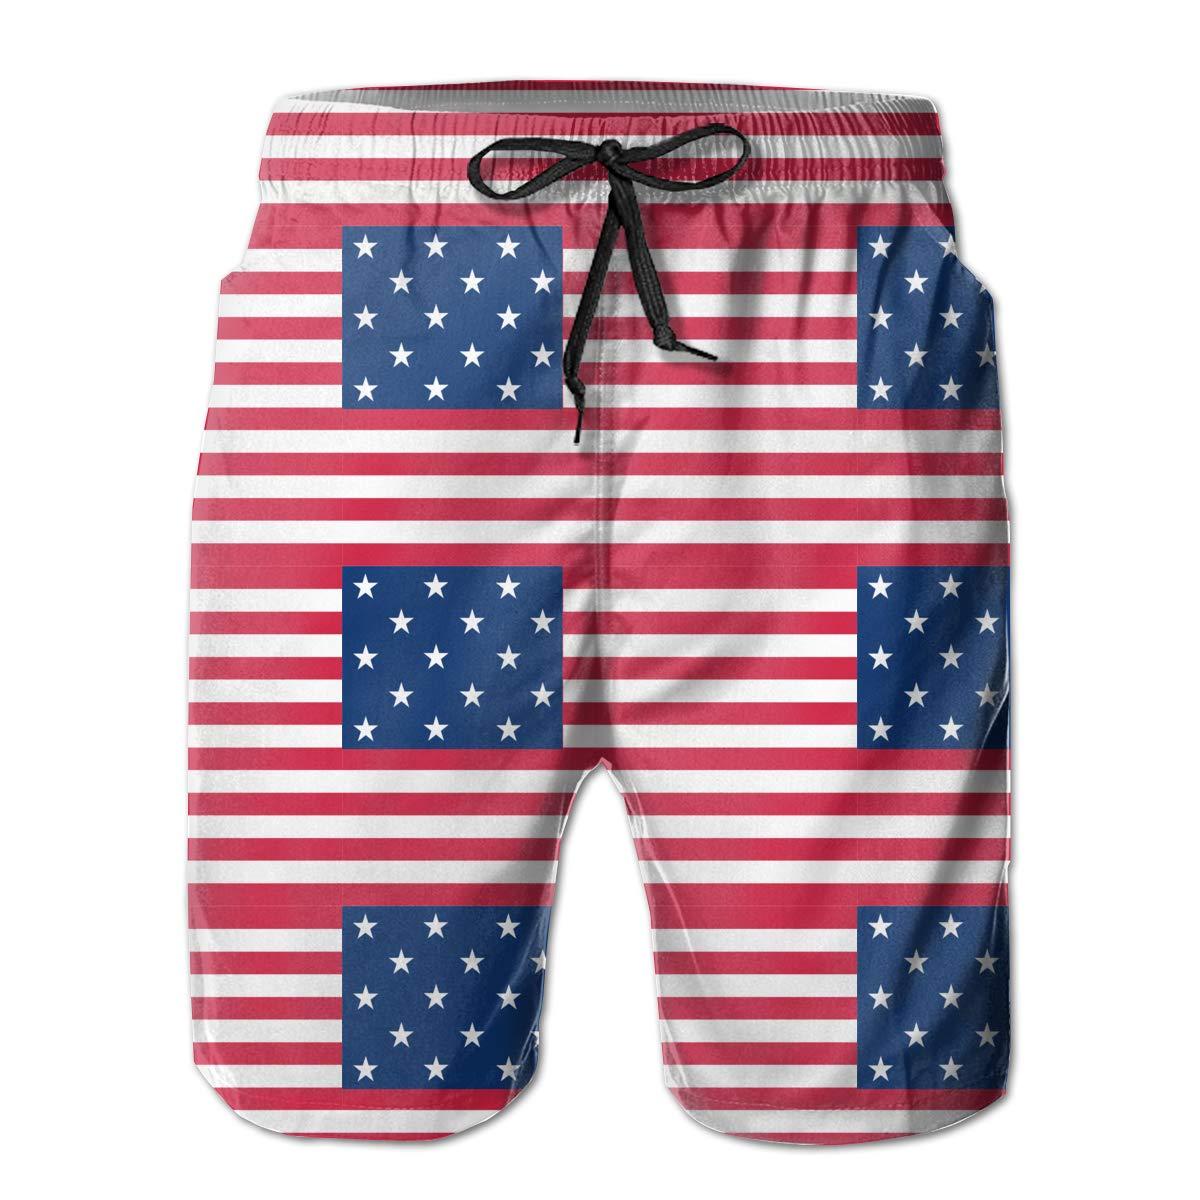 Star Spangled Banner Flag Mens Swim Trunks Board Shorts